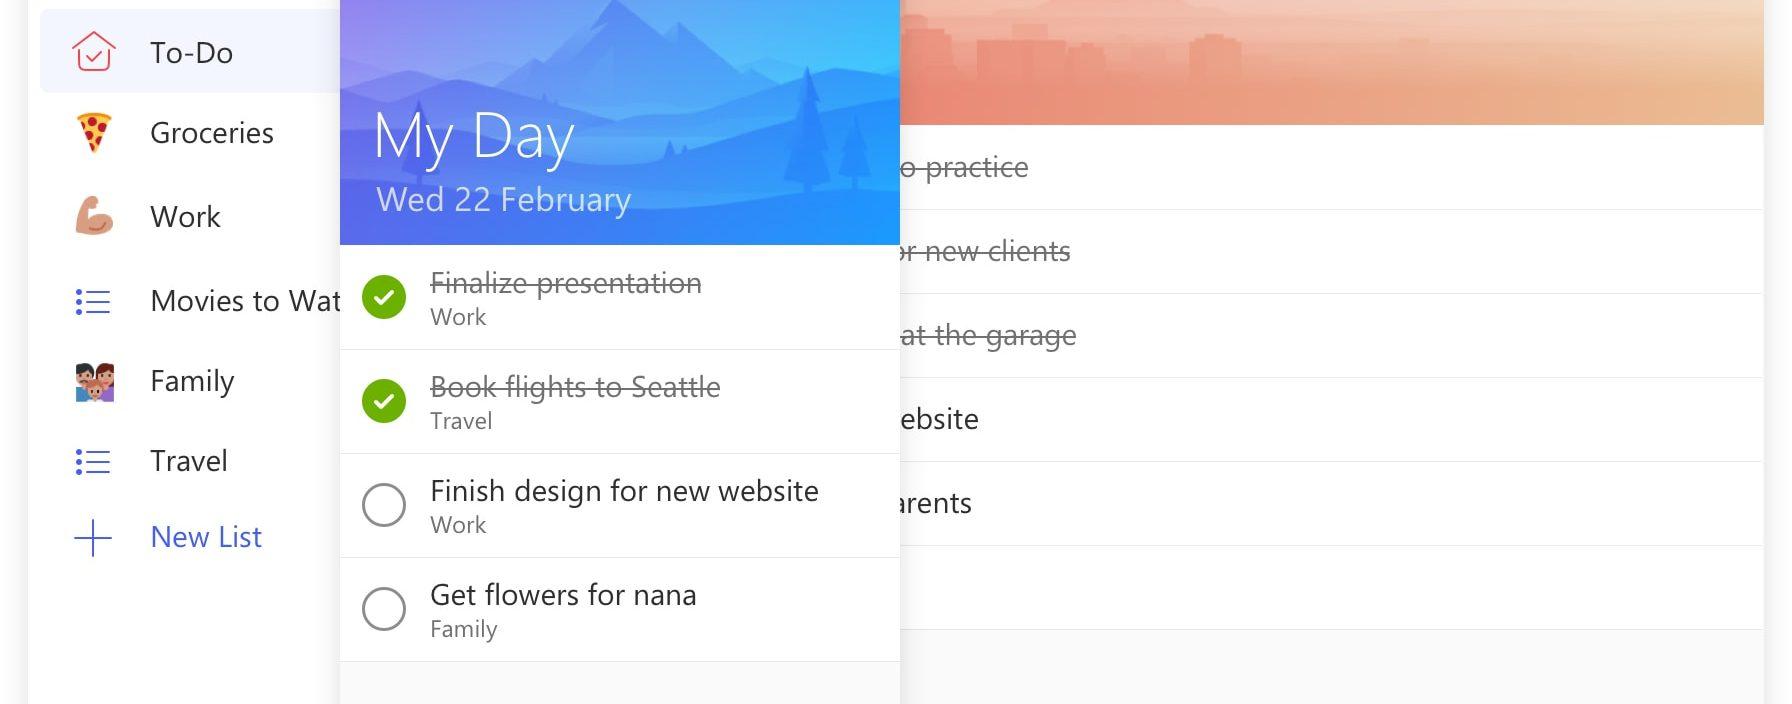 Novo App Microsoft To-Do liberado para todas as plataformas